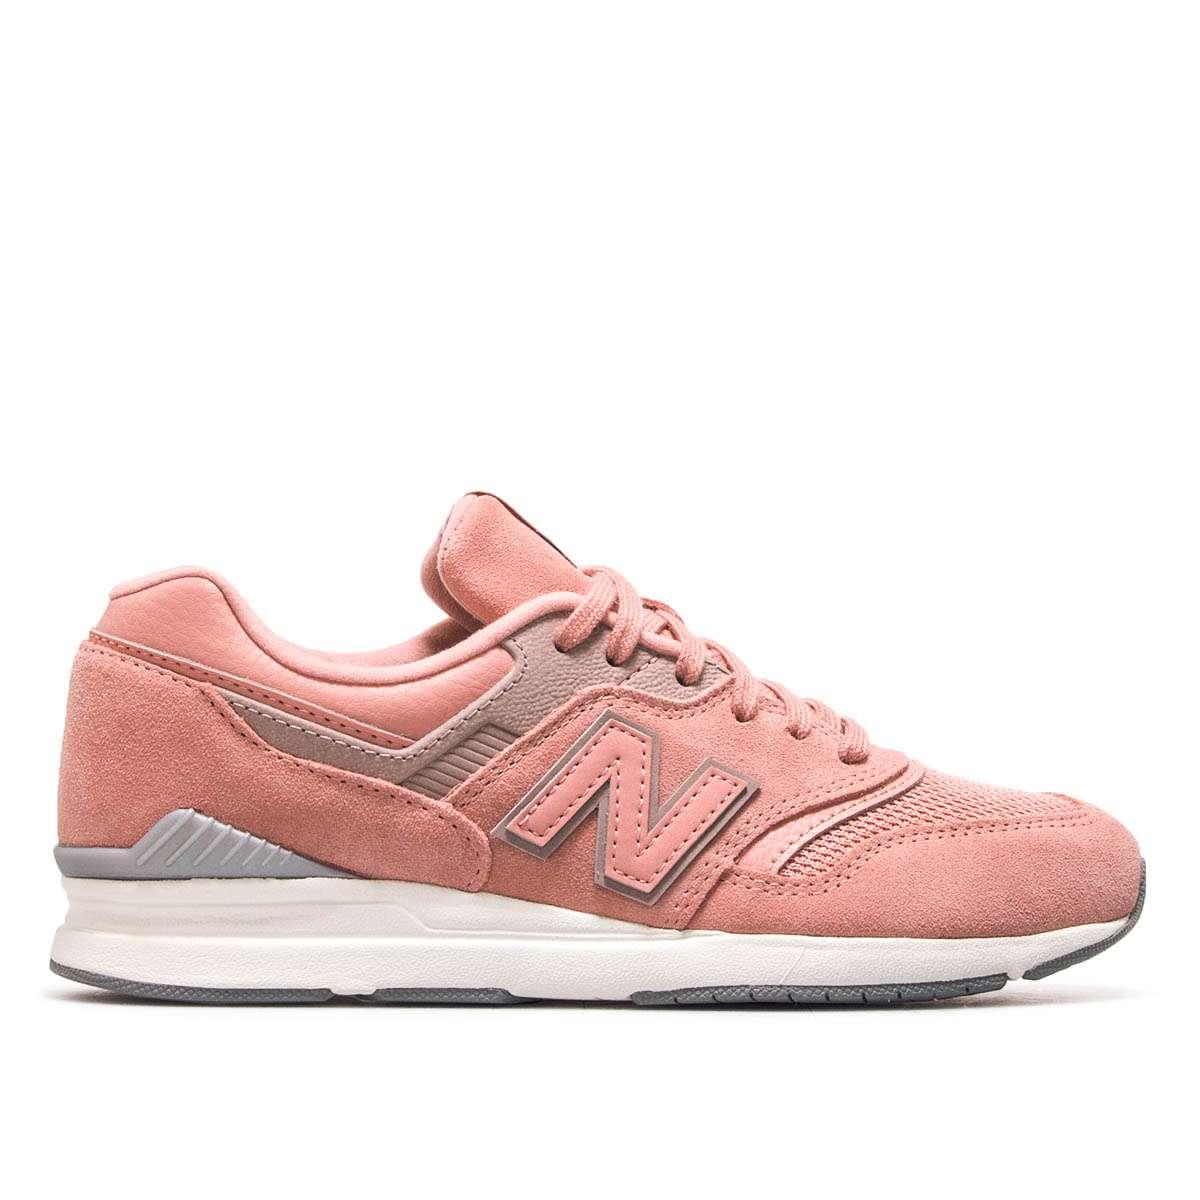 New Balance Wmn WL 697 CM Copper Rose Rose Copper   Sneaker   Frauen   Schuhe ... b60dcc